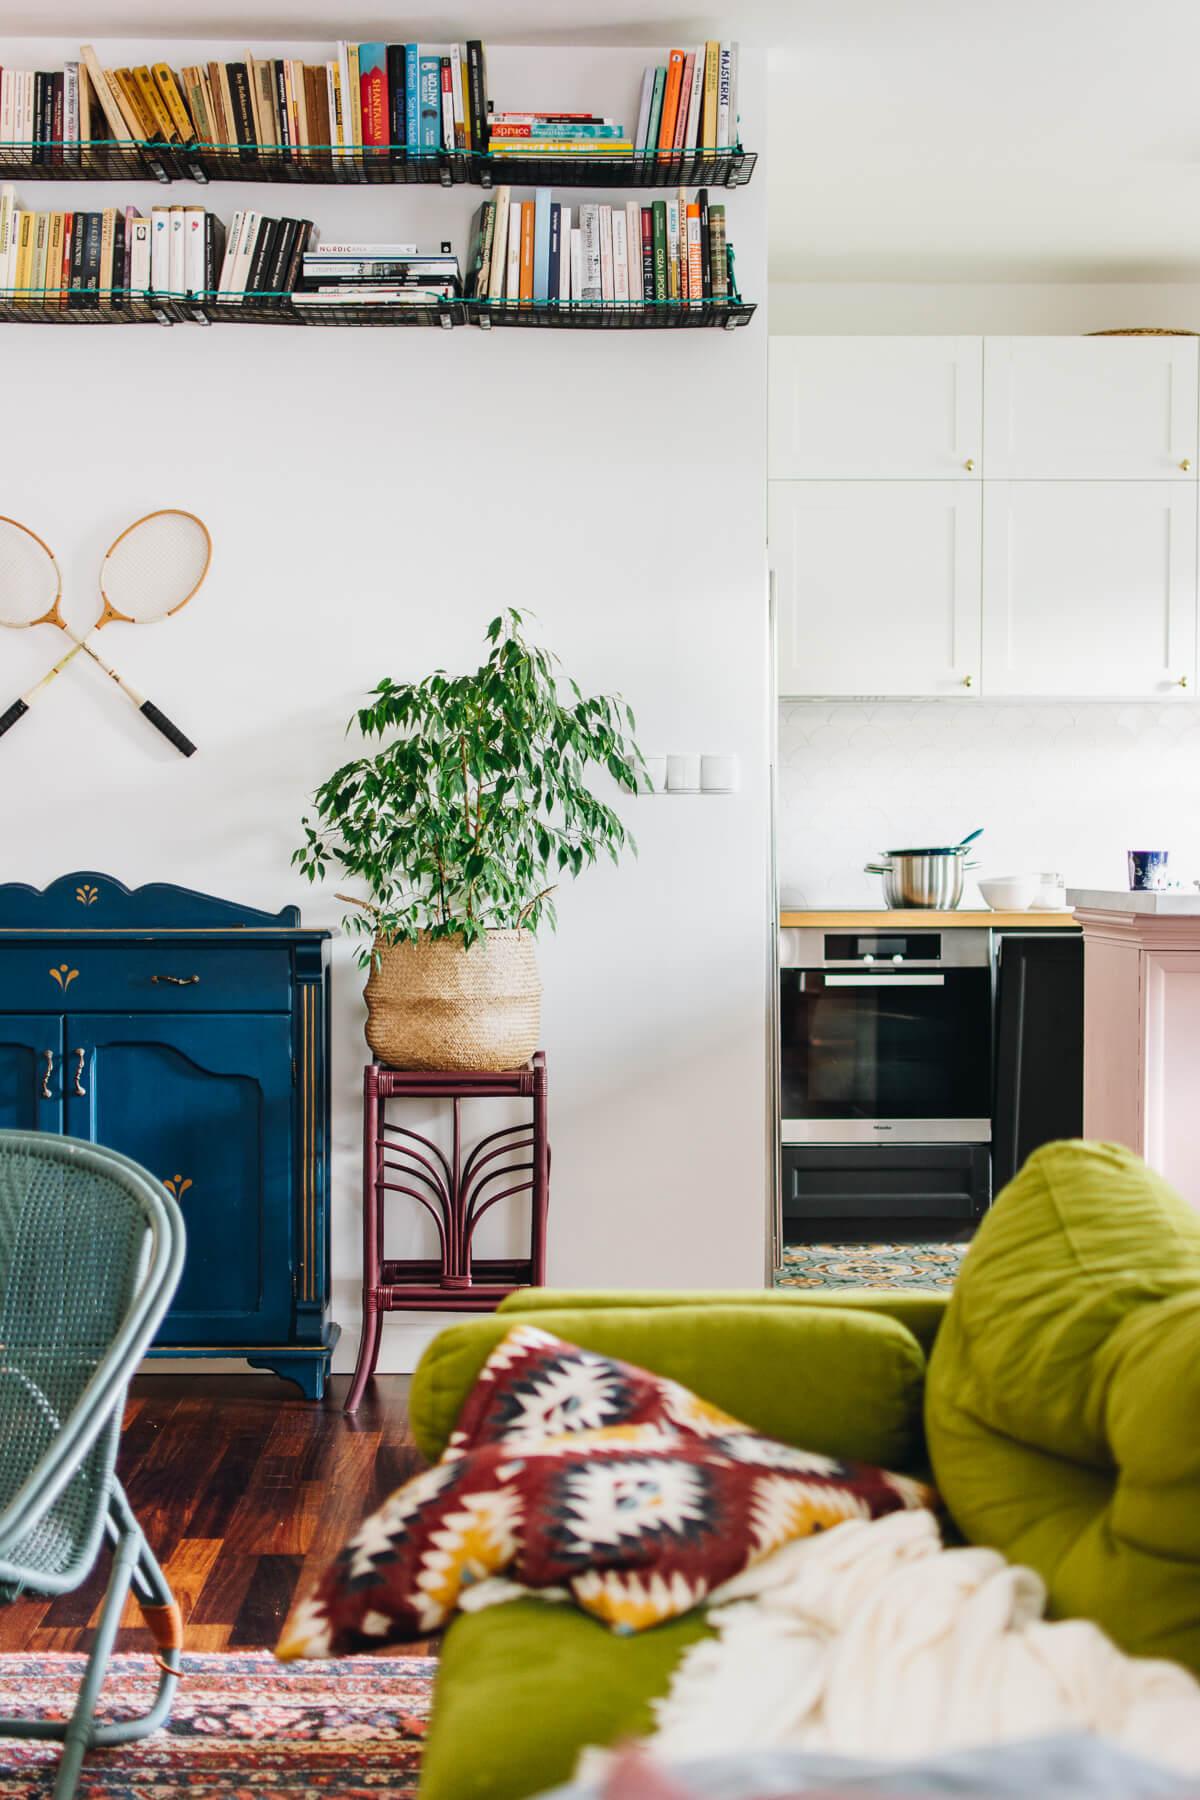 eklektyczny salon łączący kolory, styl vintage i boho